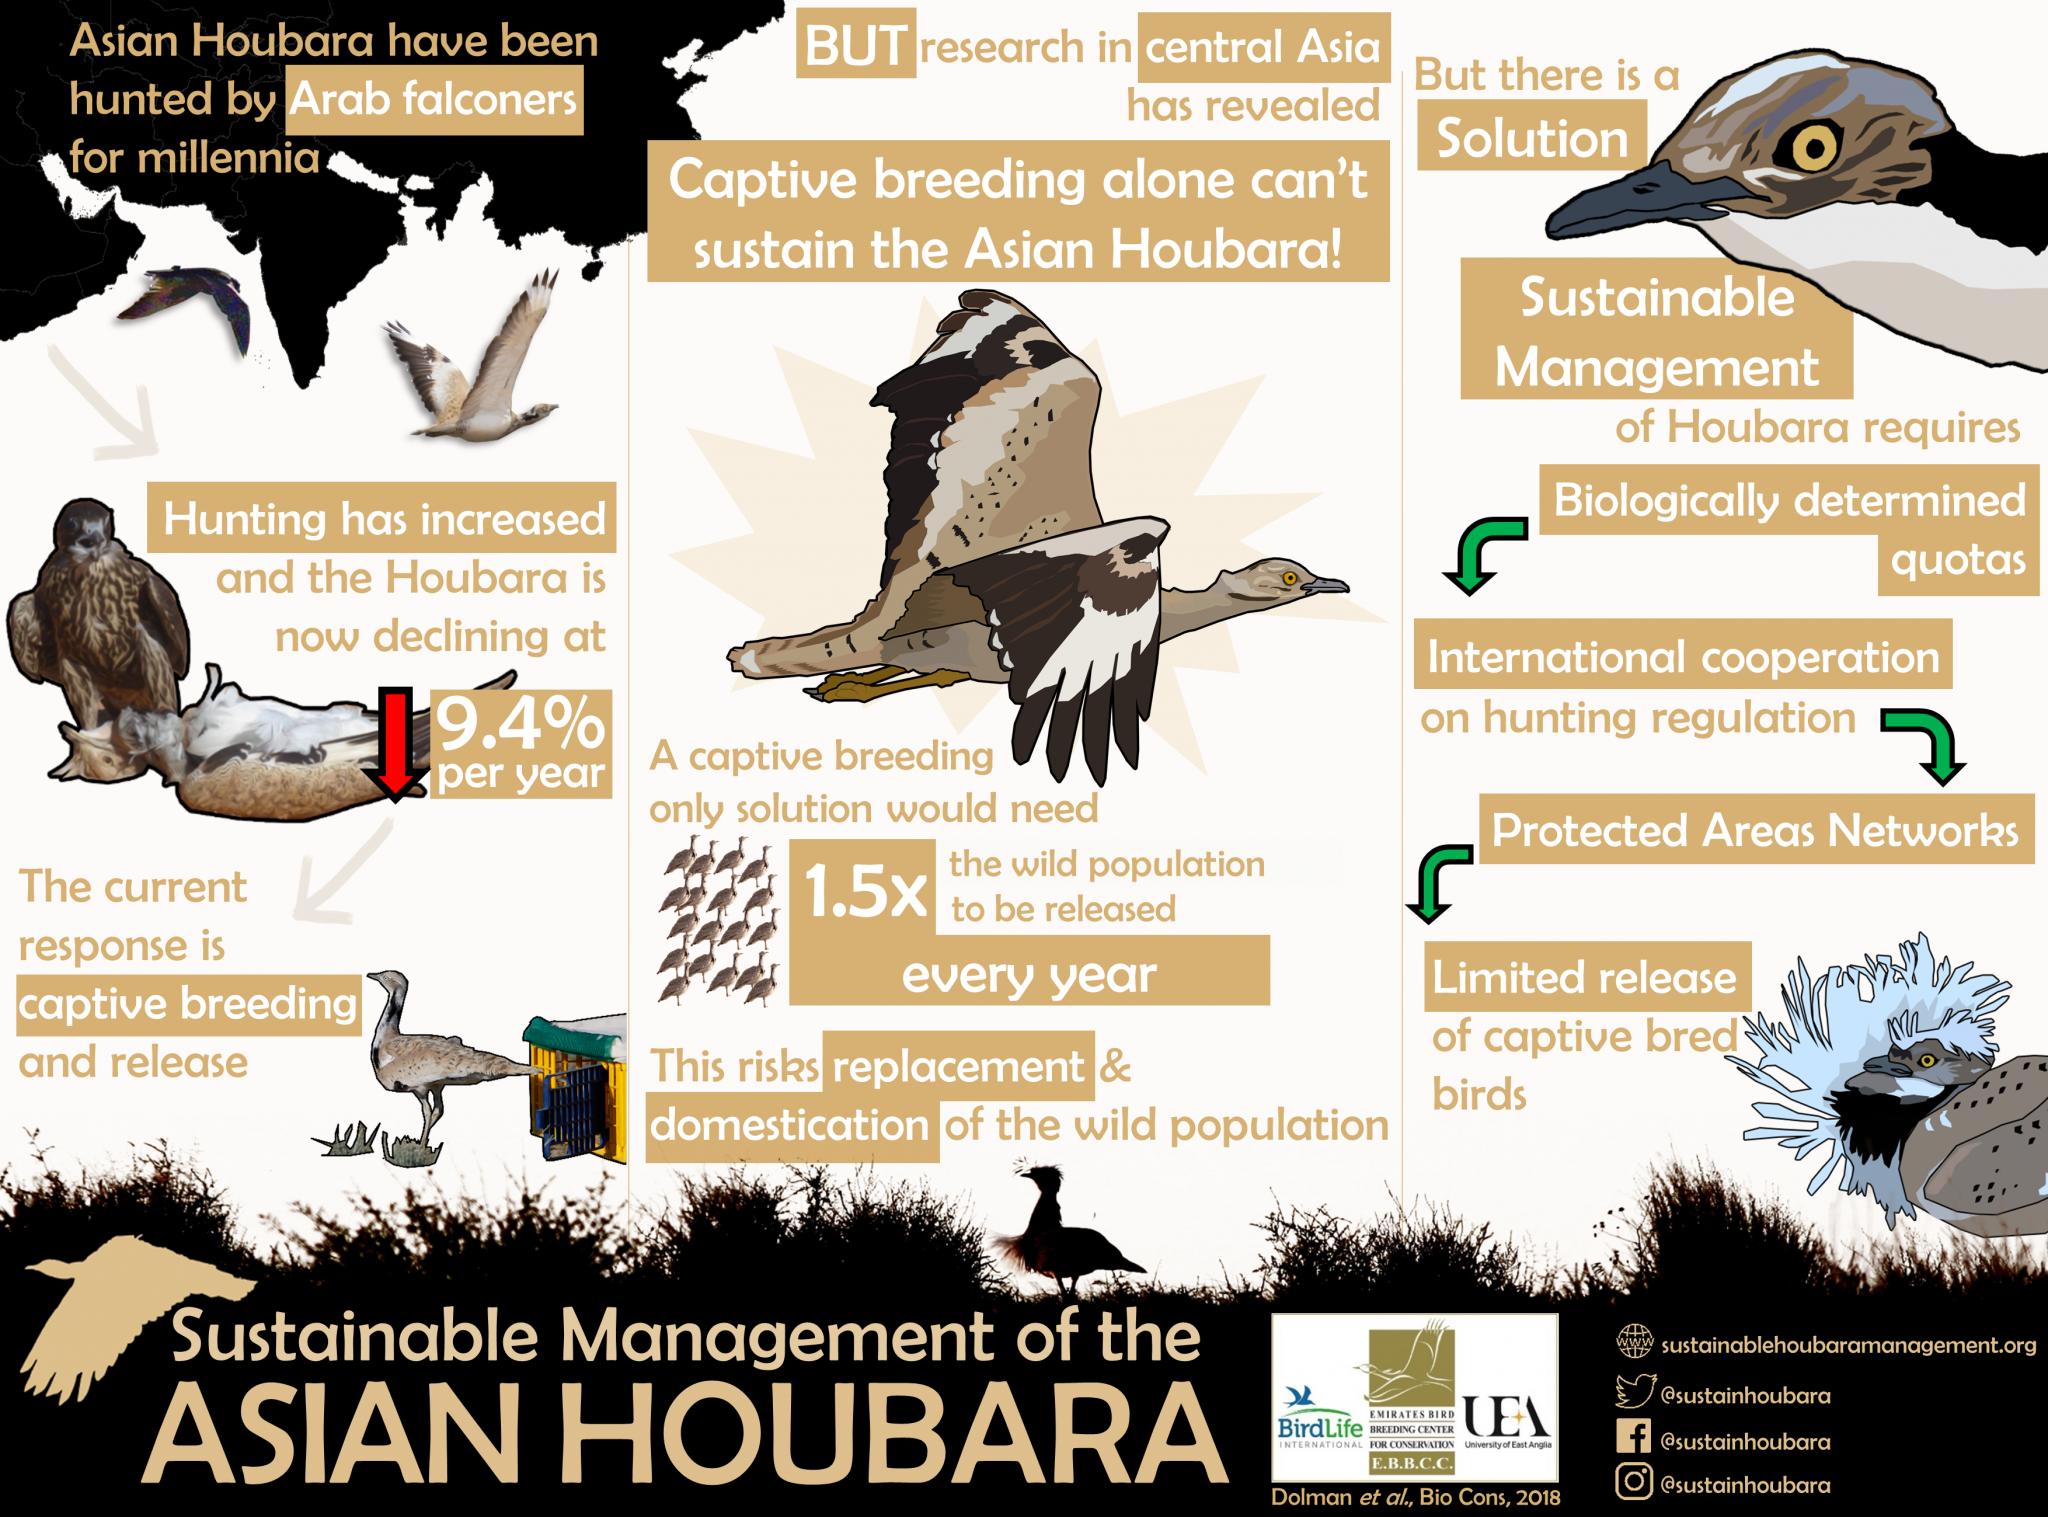 Sustainable Management of Asian Houbara